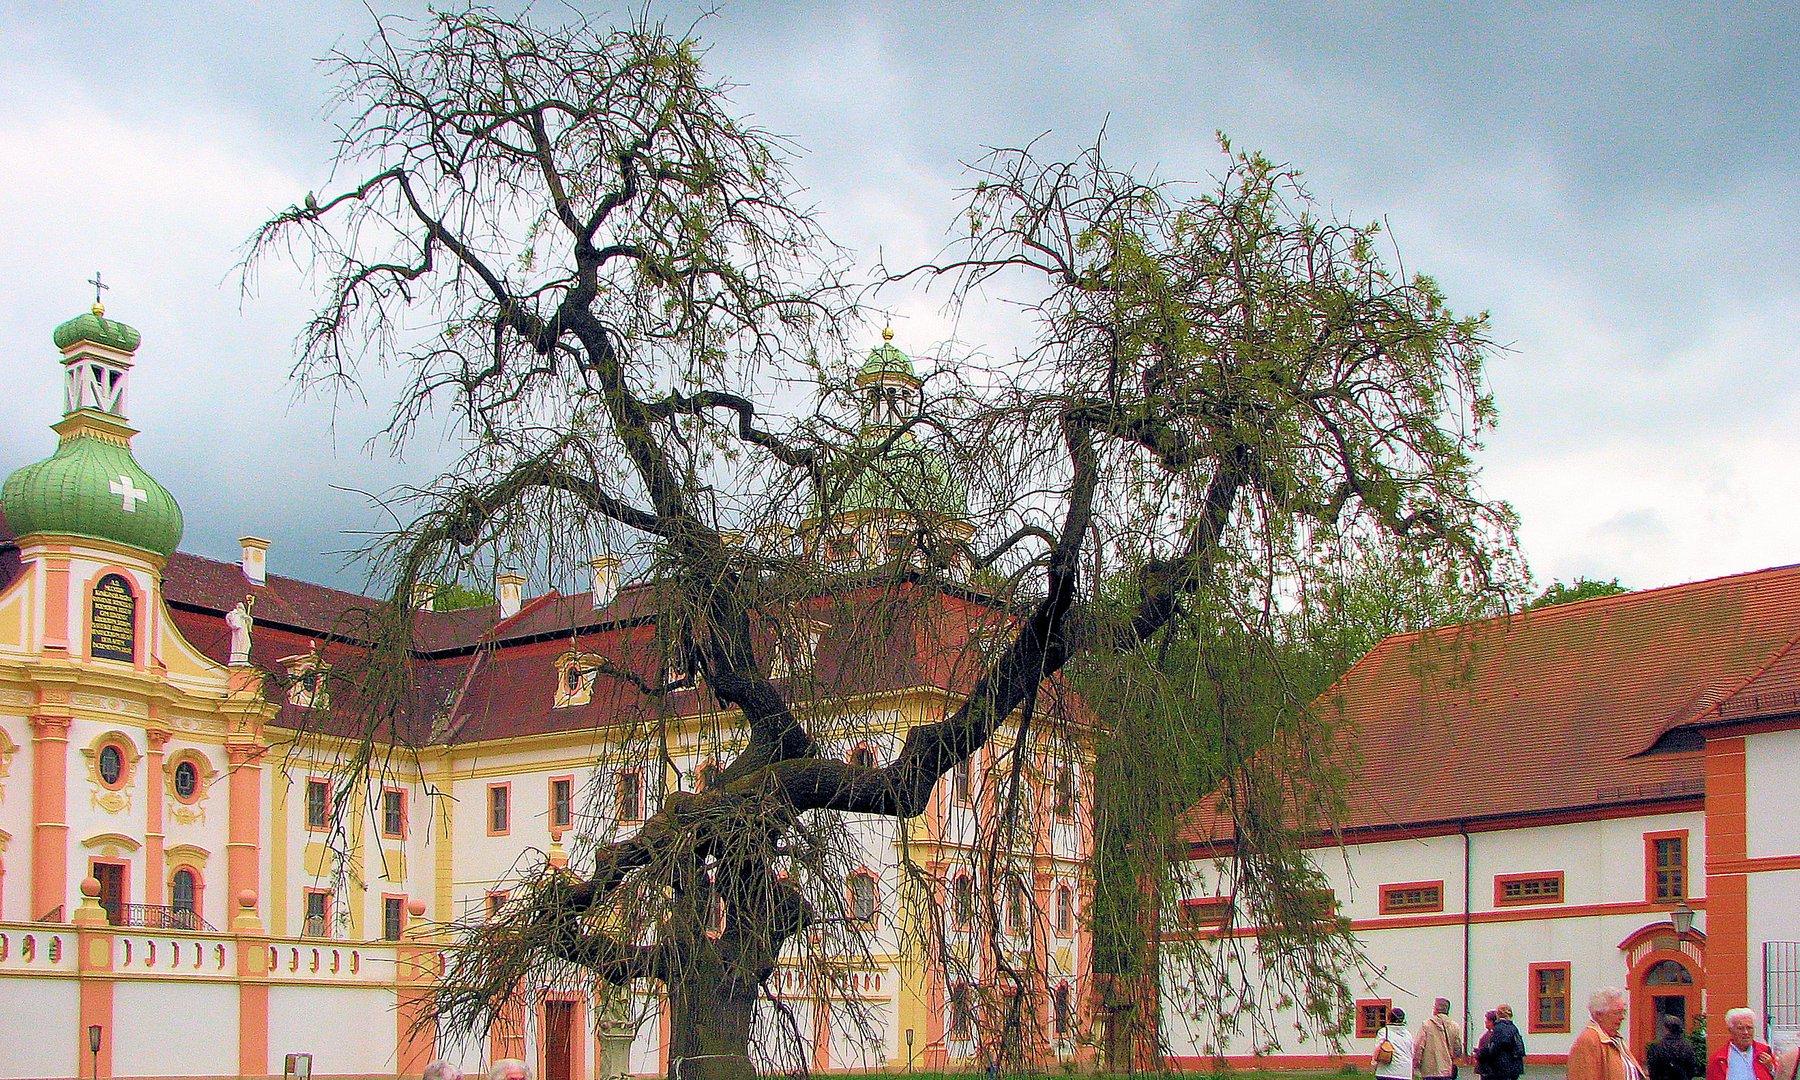 Kloster Mariental 4